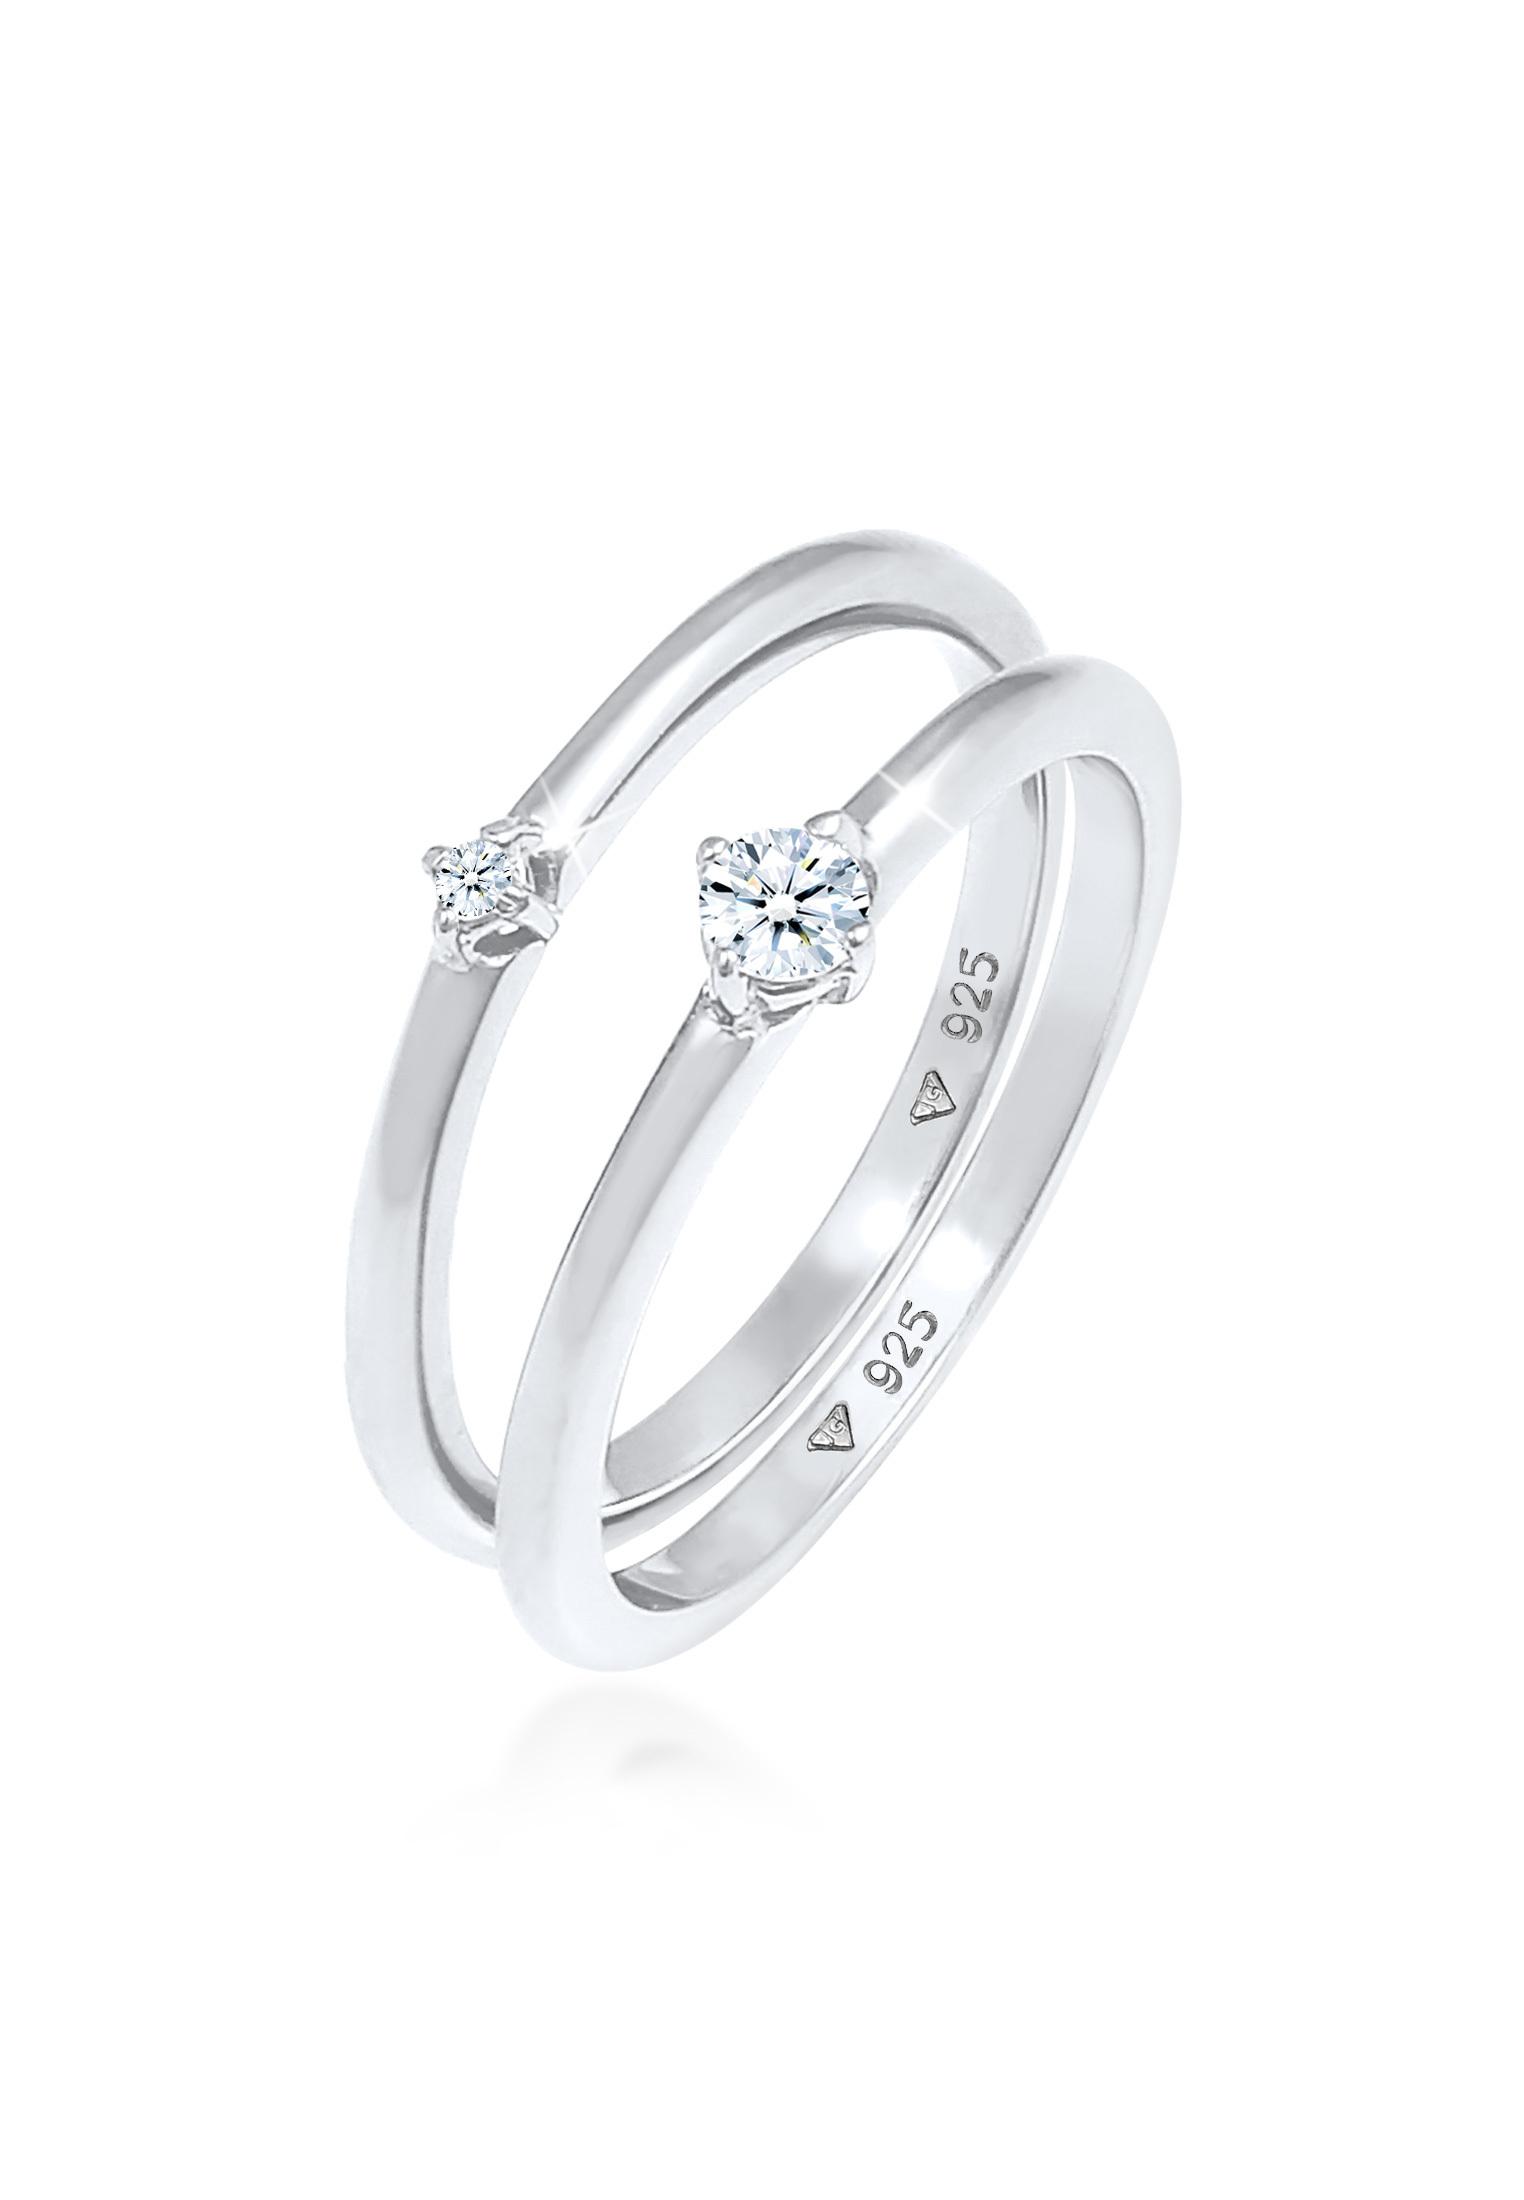 Verlobungsring | Diamant ( Weiß, 0,125 ct ) | 925er Sterling Silber